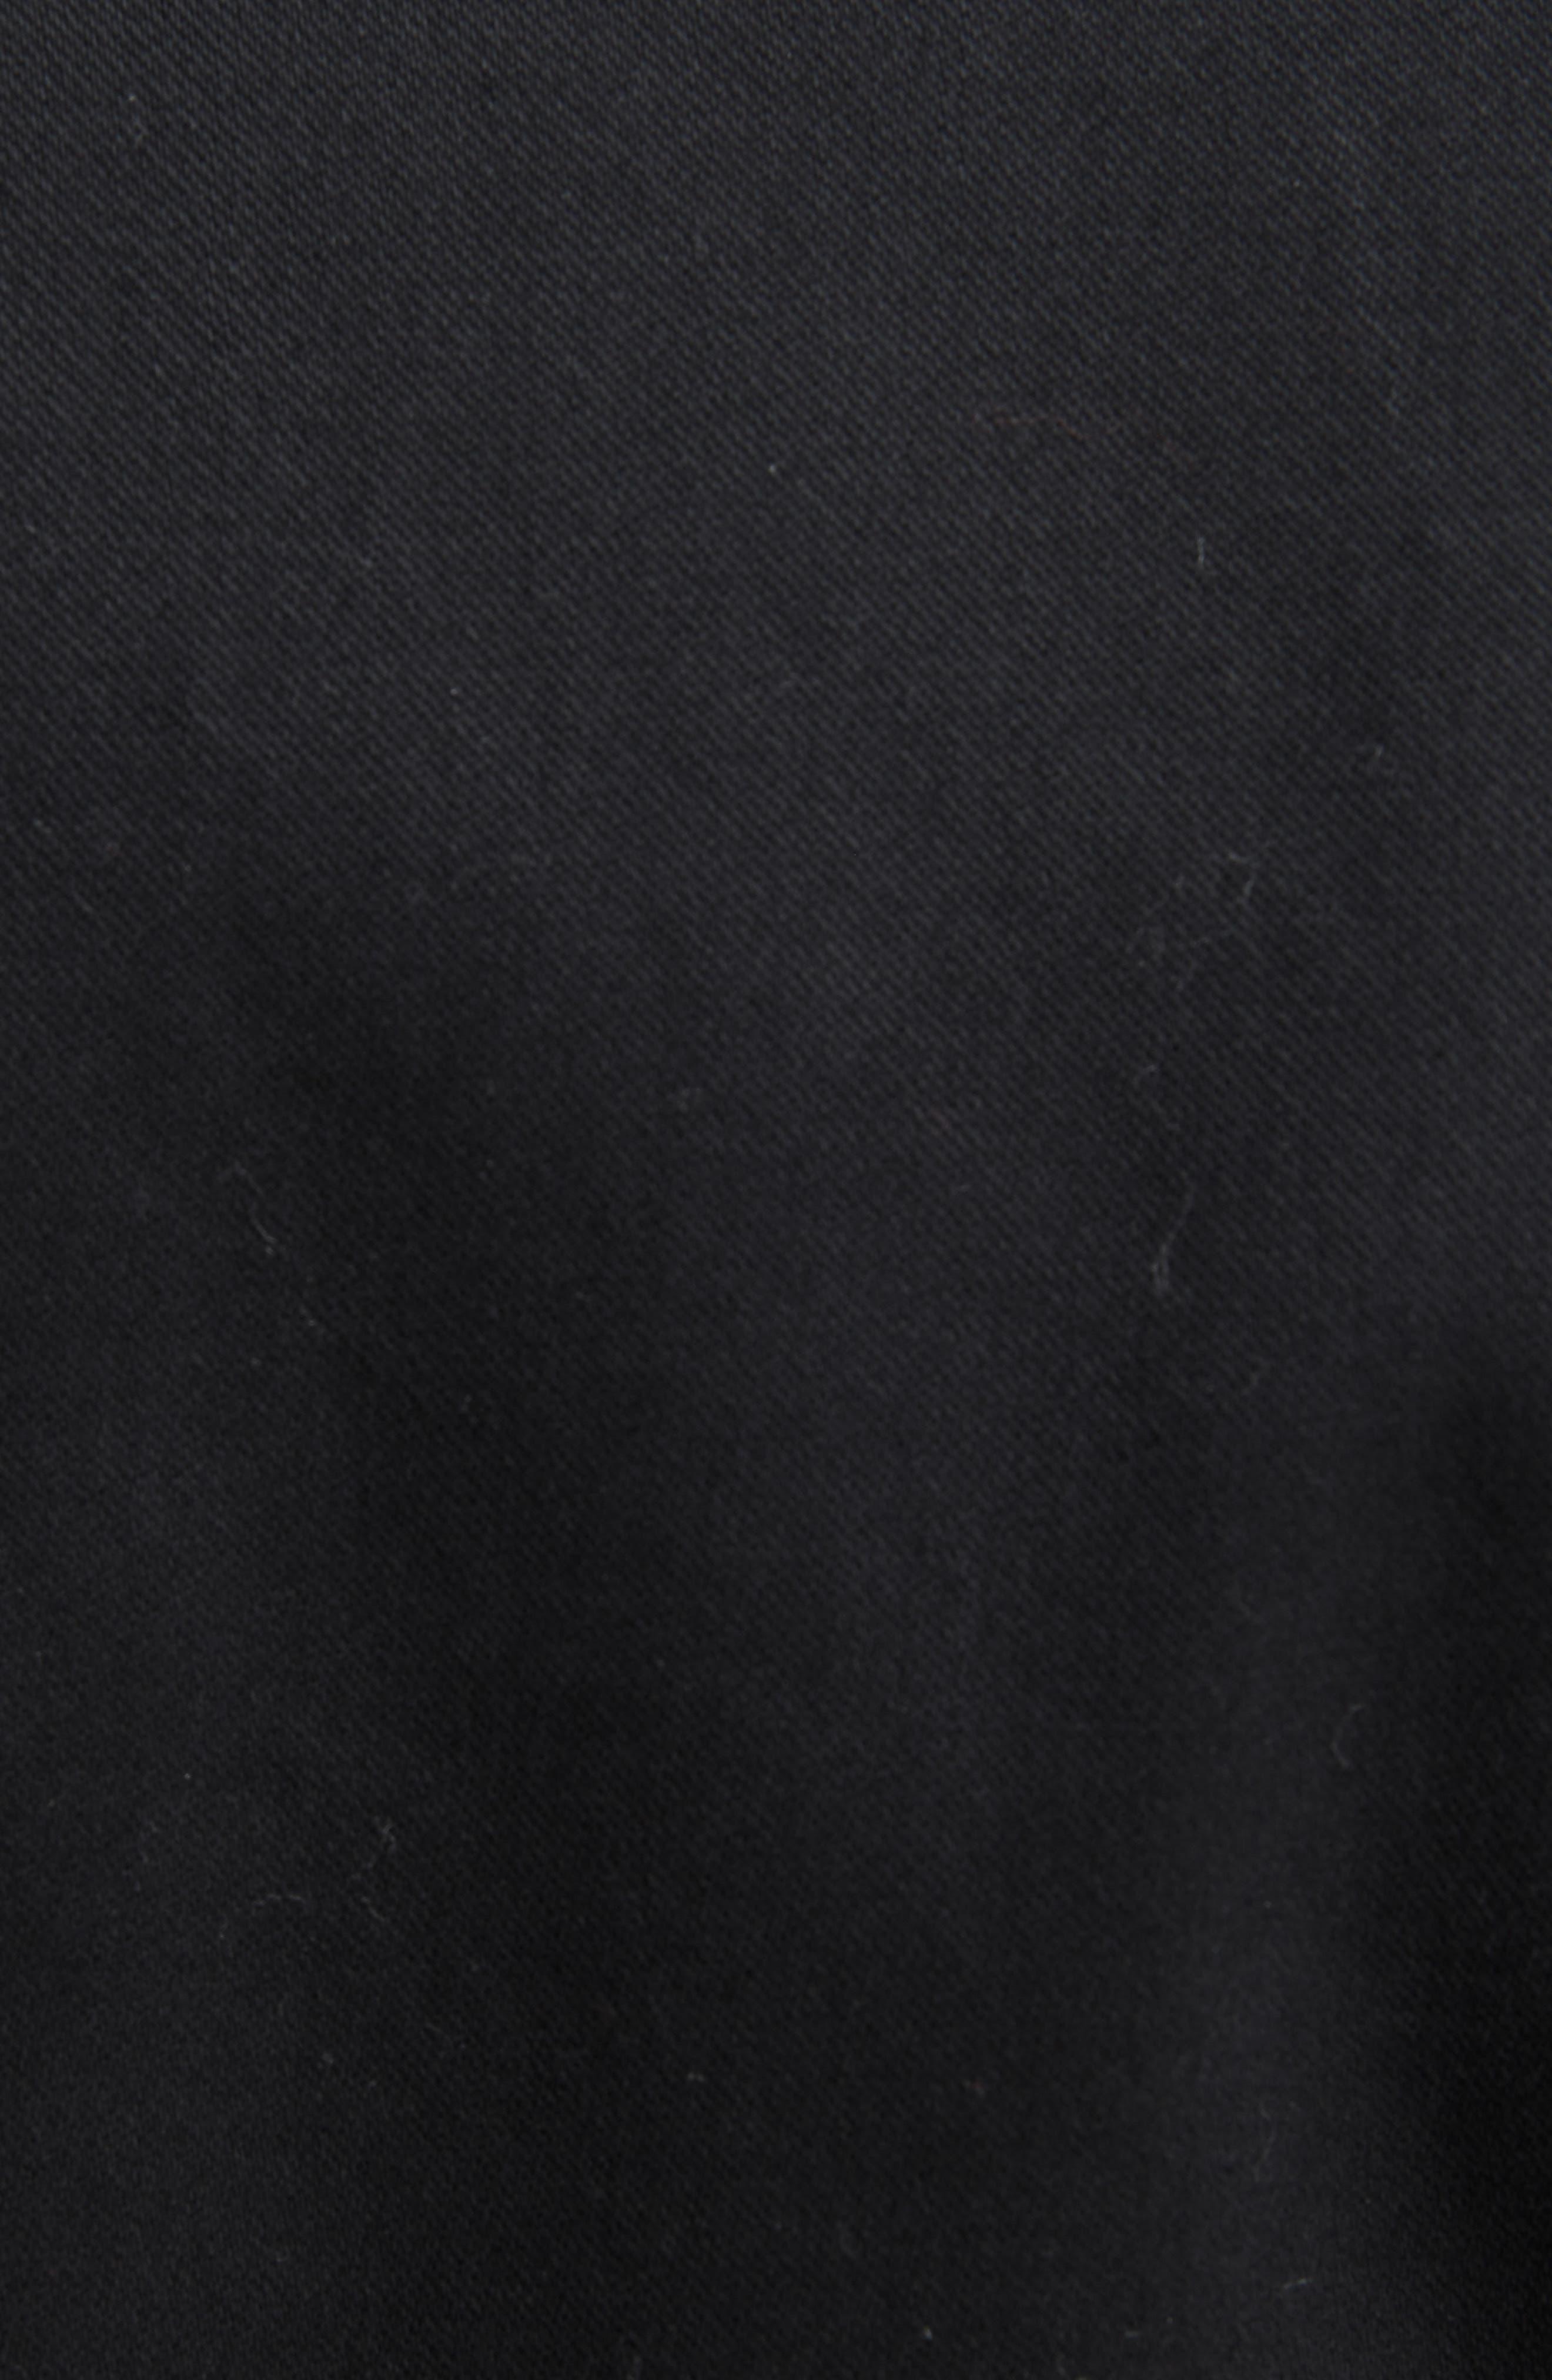 Lace Trim Pea Jacket,                             Alternate thumbnail 6, color,                             001